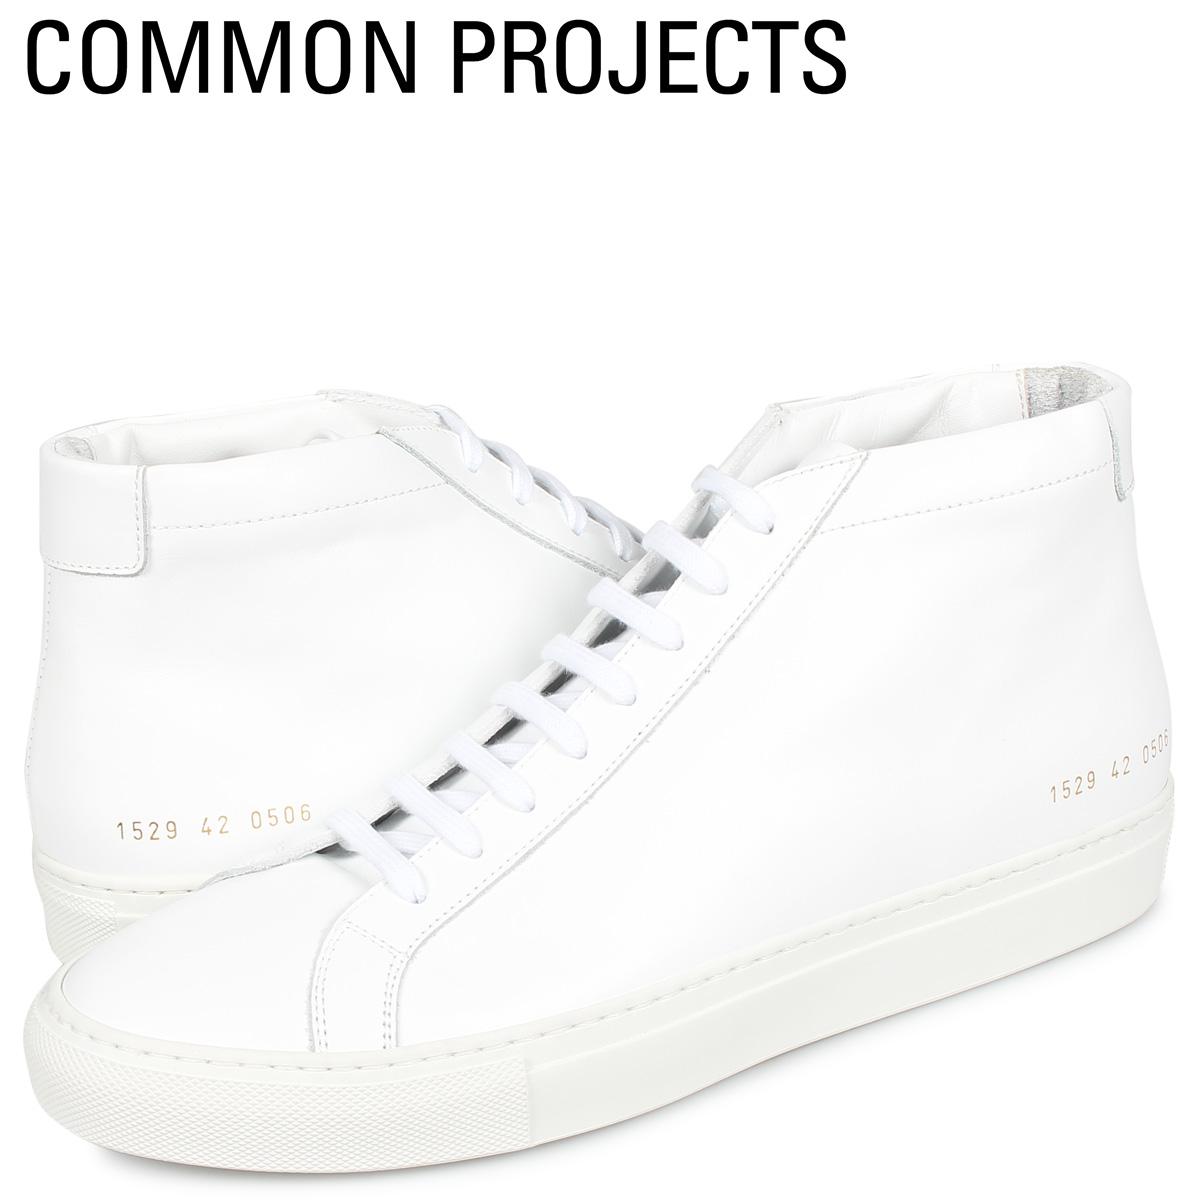 コモンプロジェクト Common Projects アキレス ミッド スニーカー メンズ ACHILLES MID ホワイト 白 1529-0506